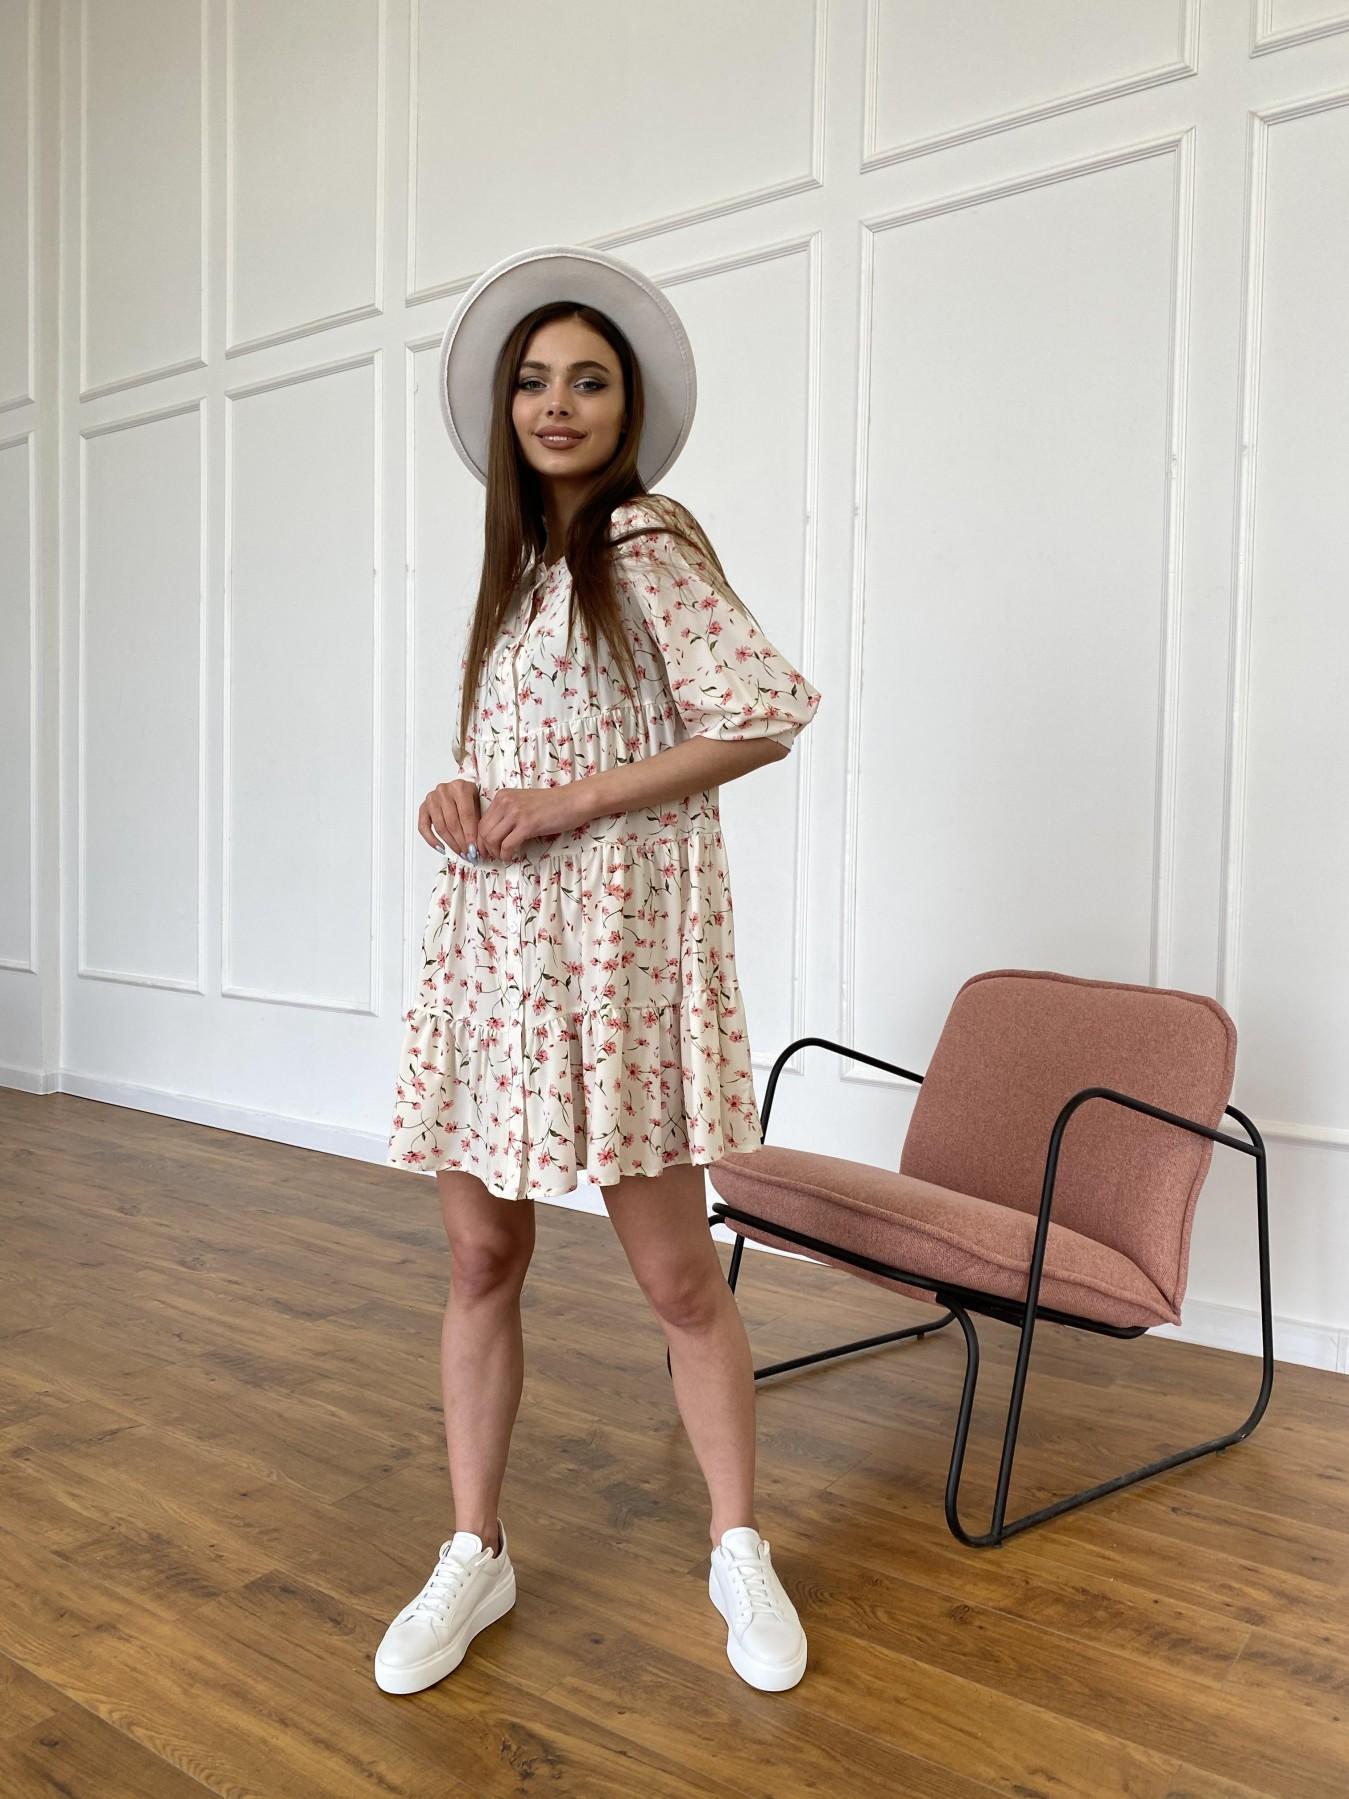 Берри платье из ткани софт в принт 11211 АРТ. 47724 Цвет: Молоко/розовый, Цветы - фото 4, интернет магазин tm-modus.ru